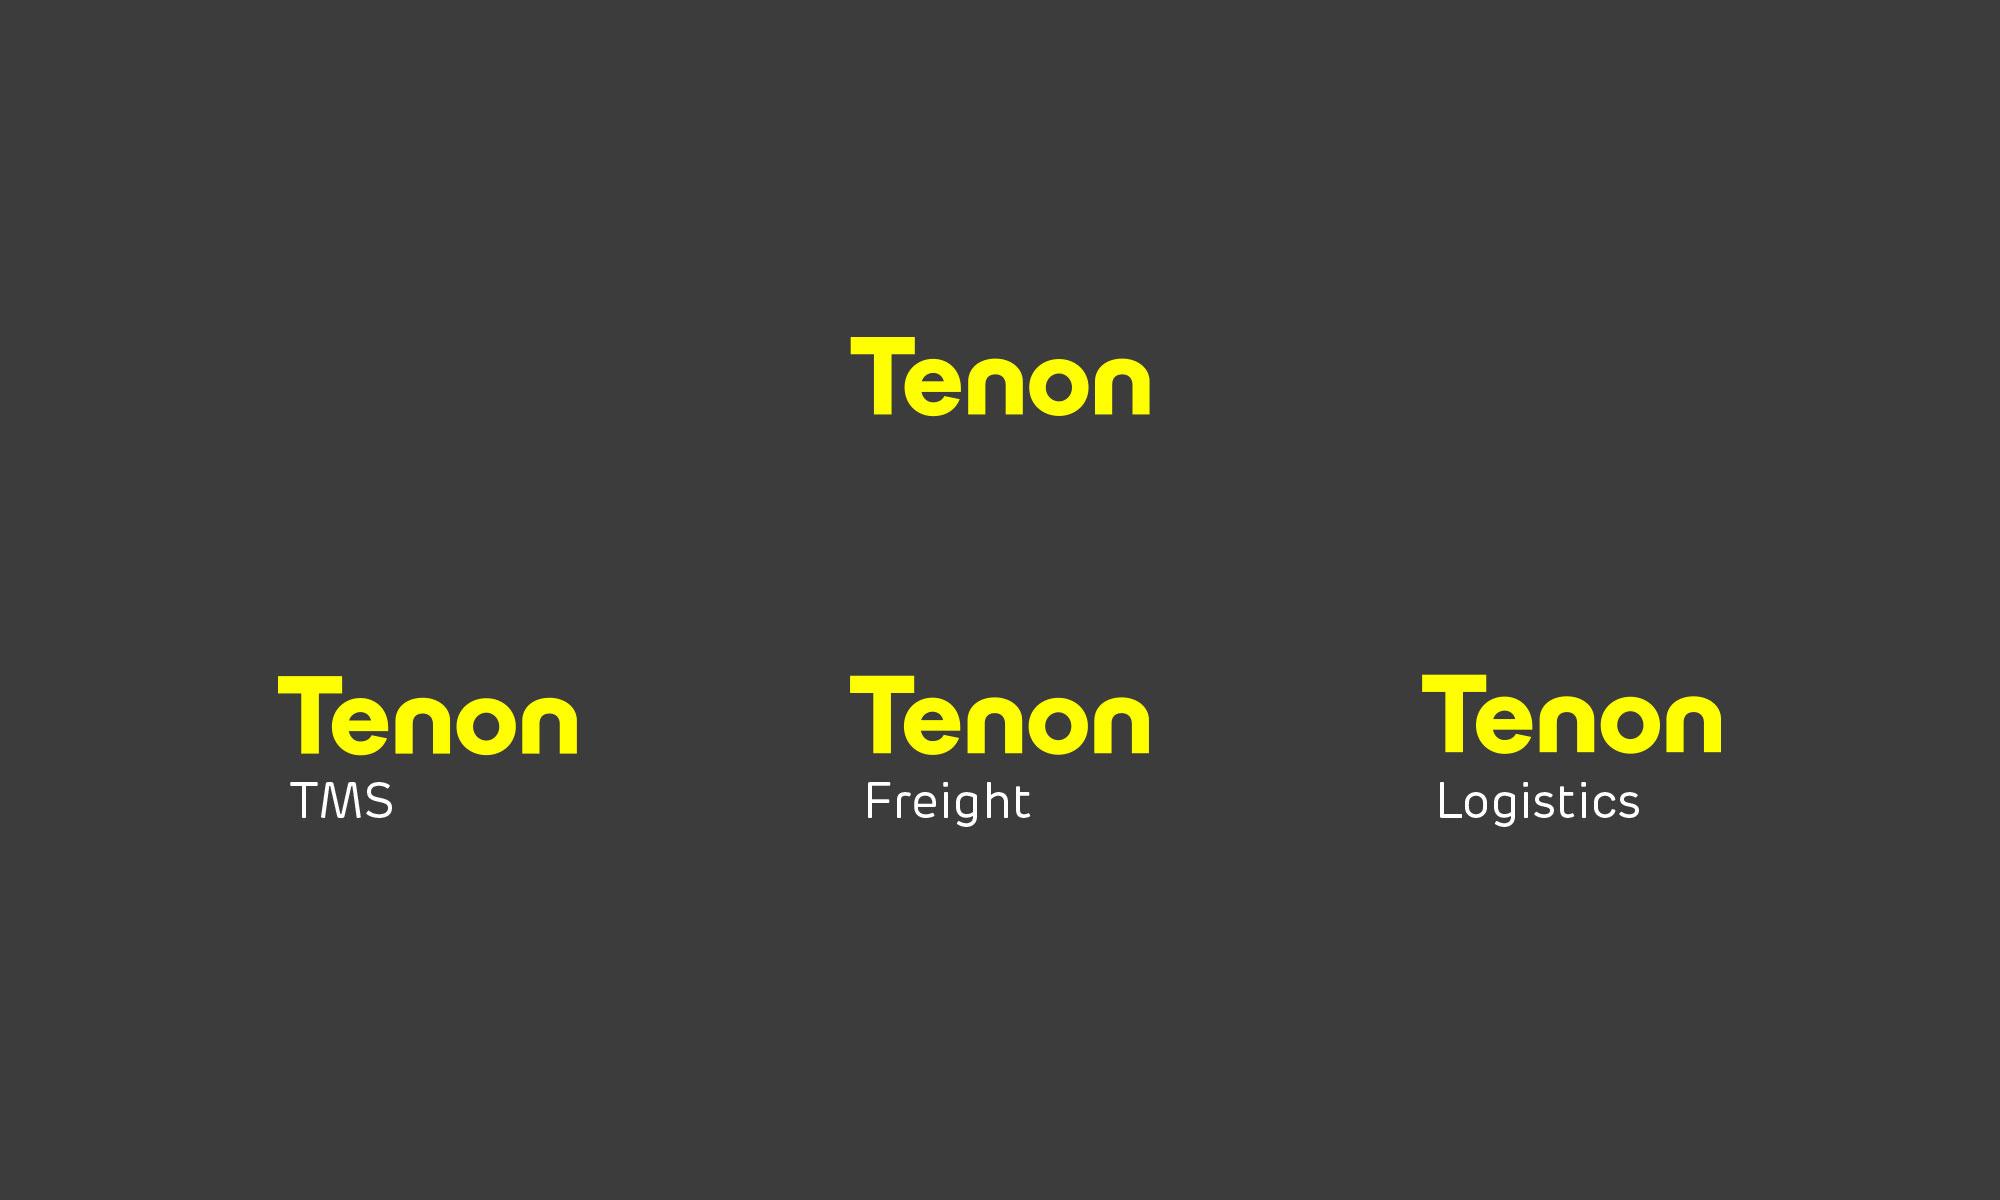 Tenon sub brands